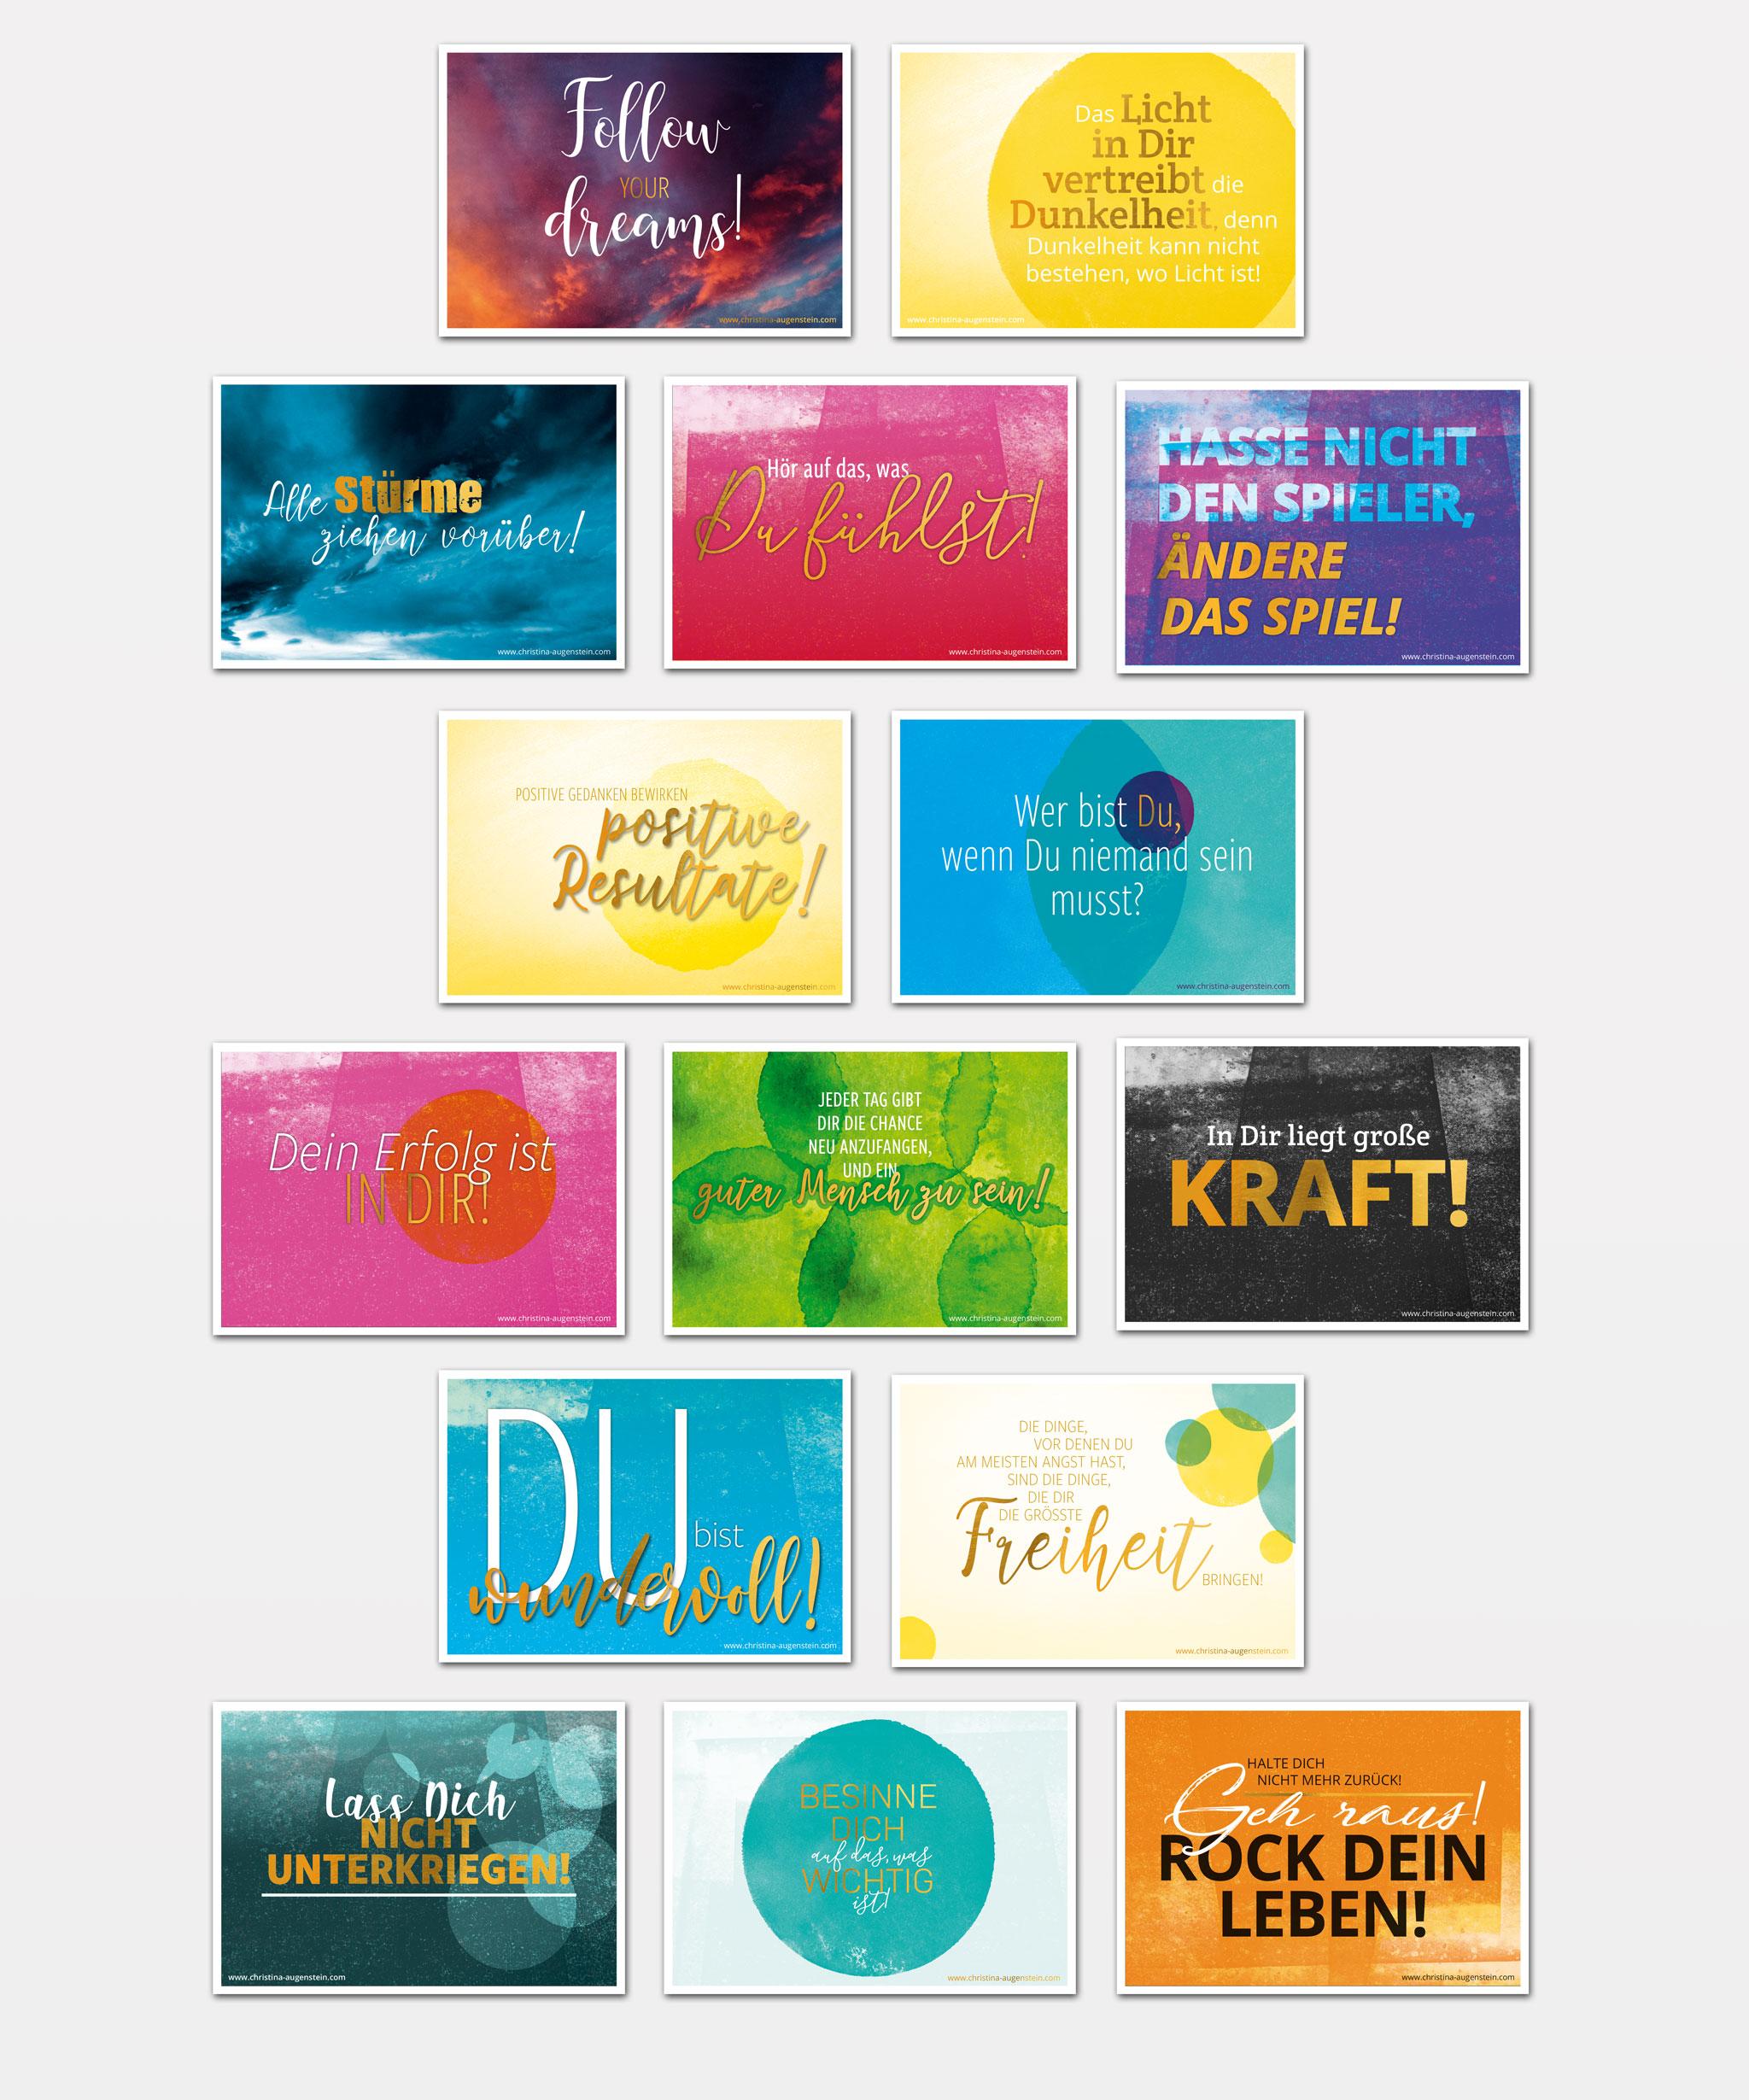 Christina Augenstein Postkarten-Set | Werbeagentur Roland C. Ritter